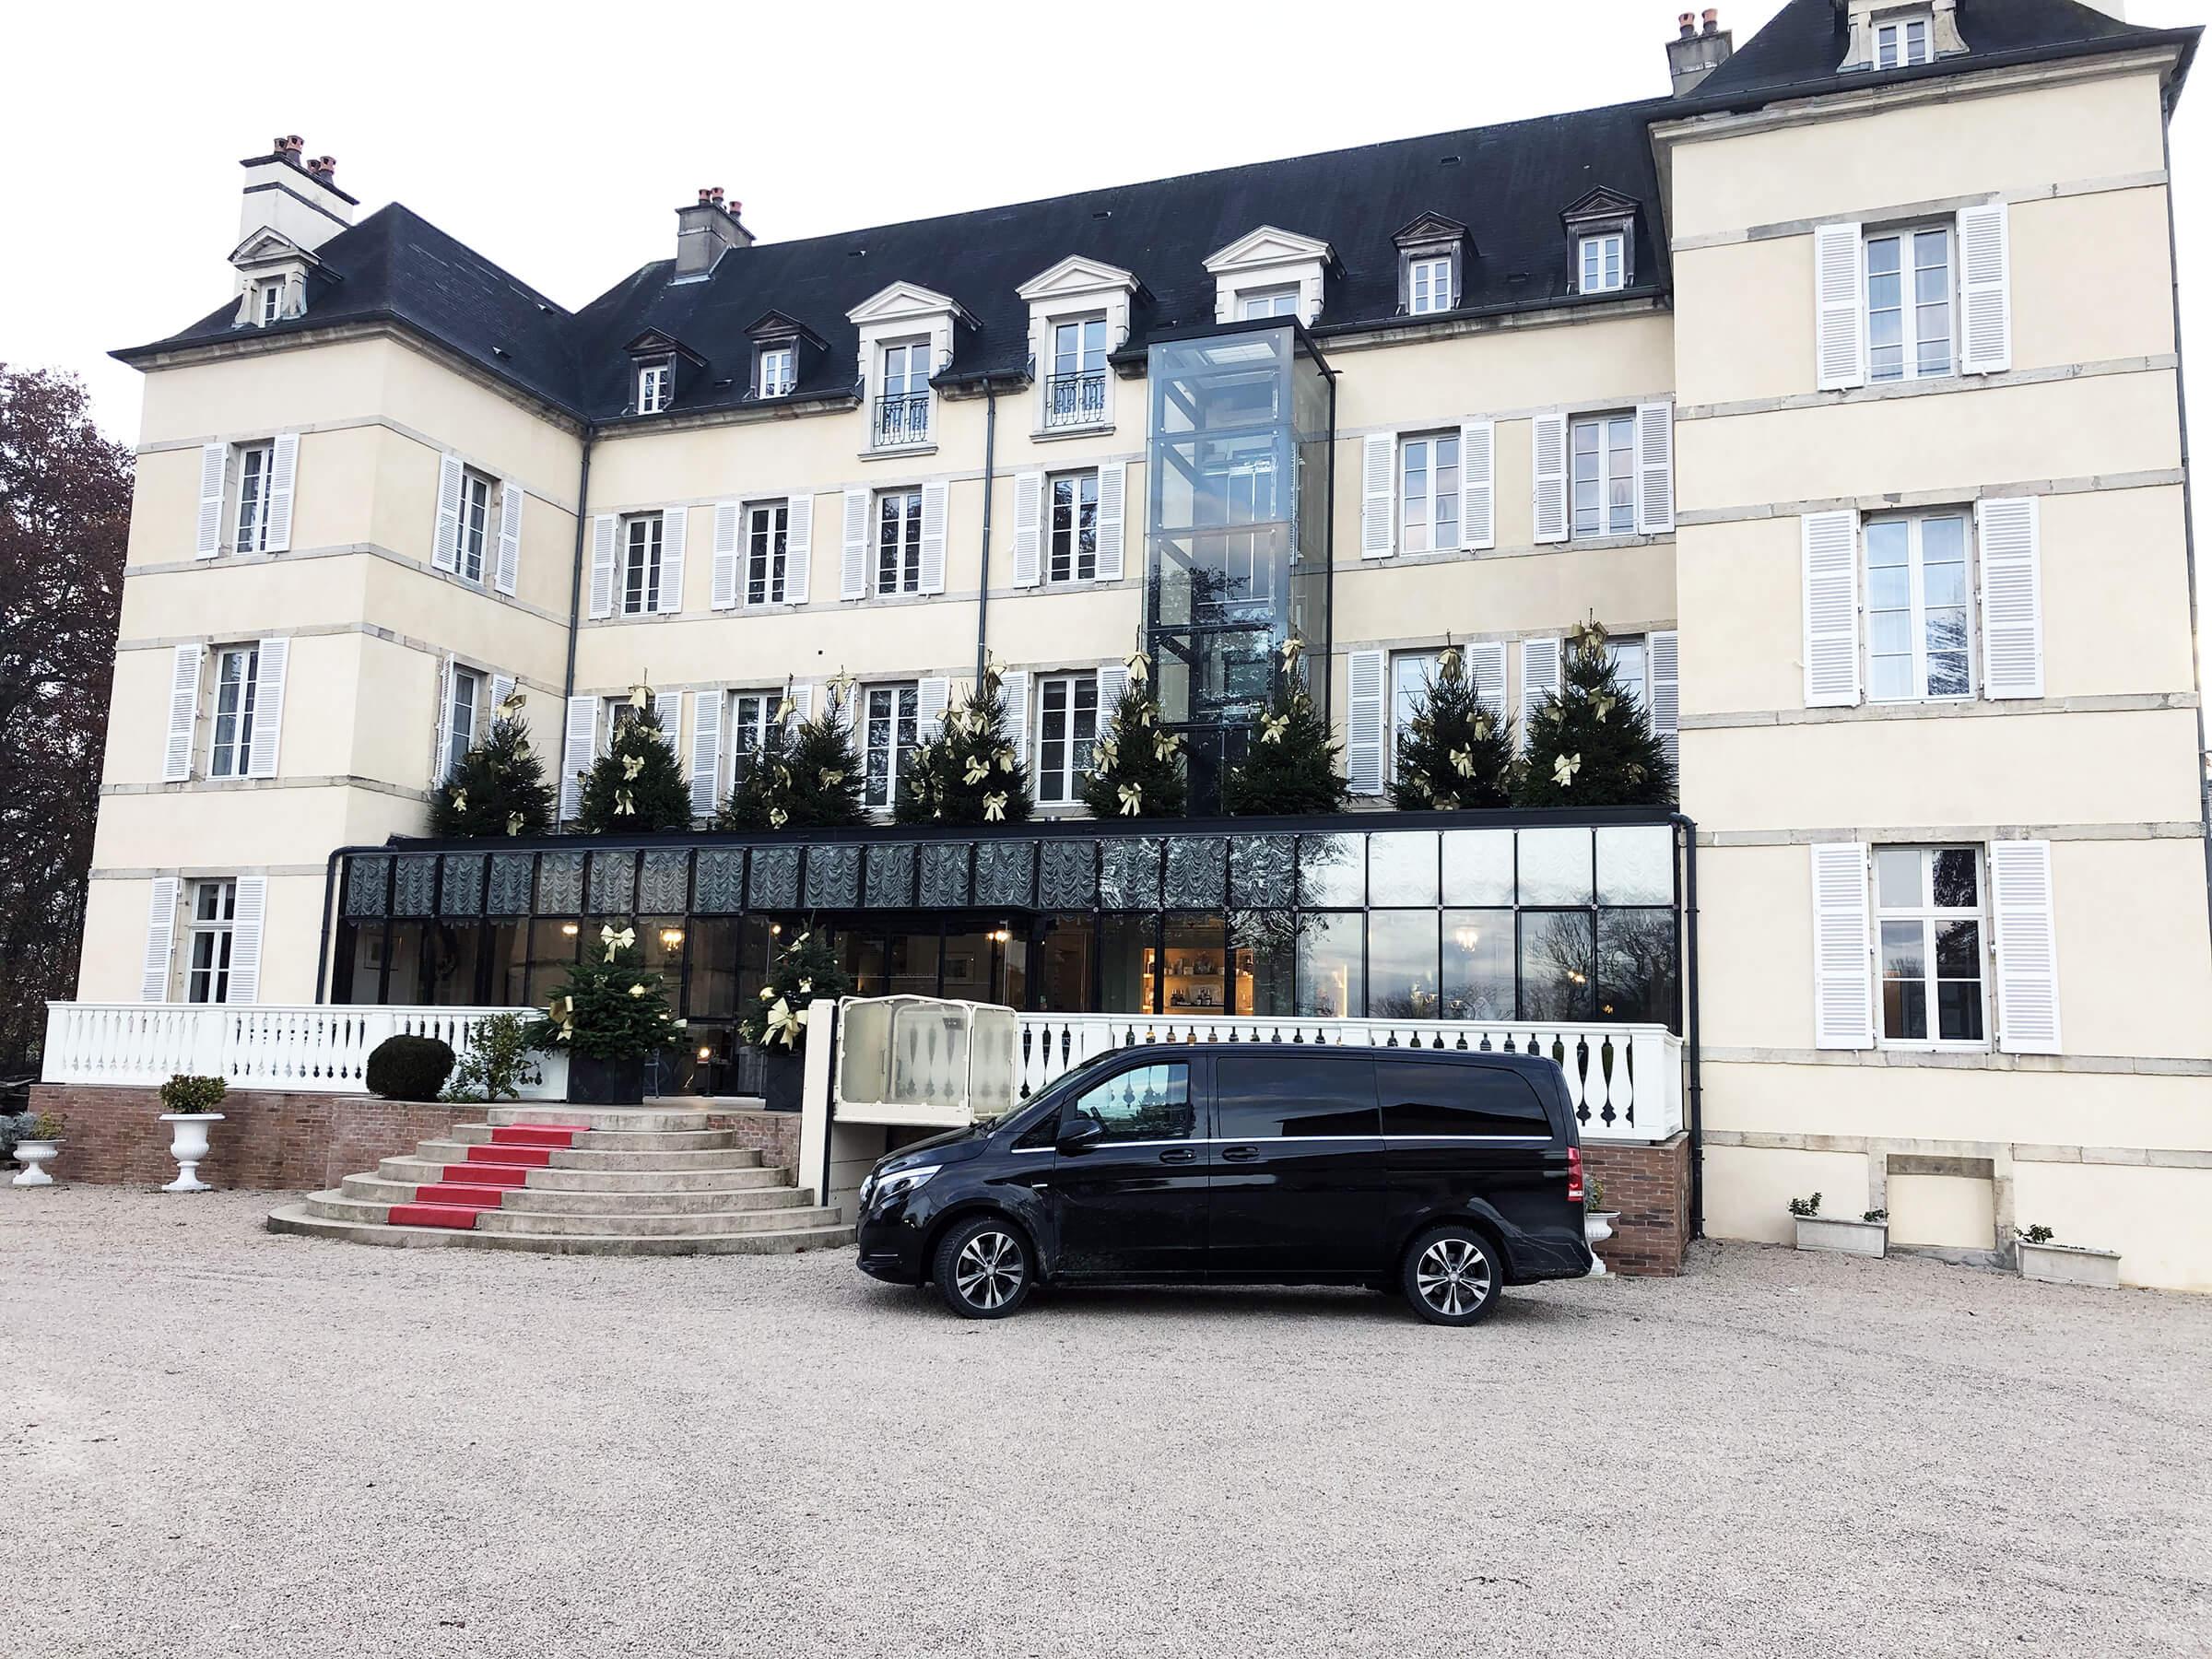 bourgogne-discovery-transport-prive-de-personne-liaison-aeroport-hotel-visite-domaine-bourgogne-france-franche-comte-chateau-saulon